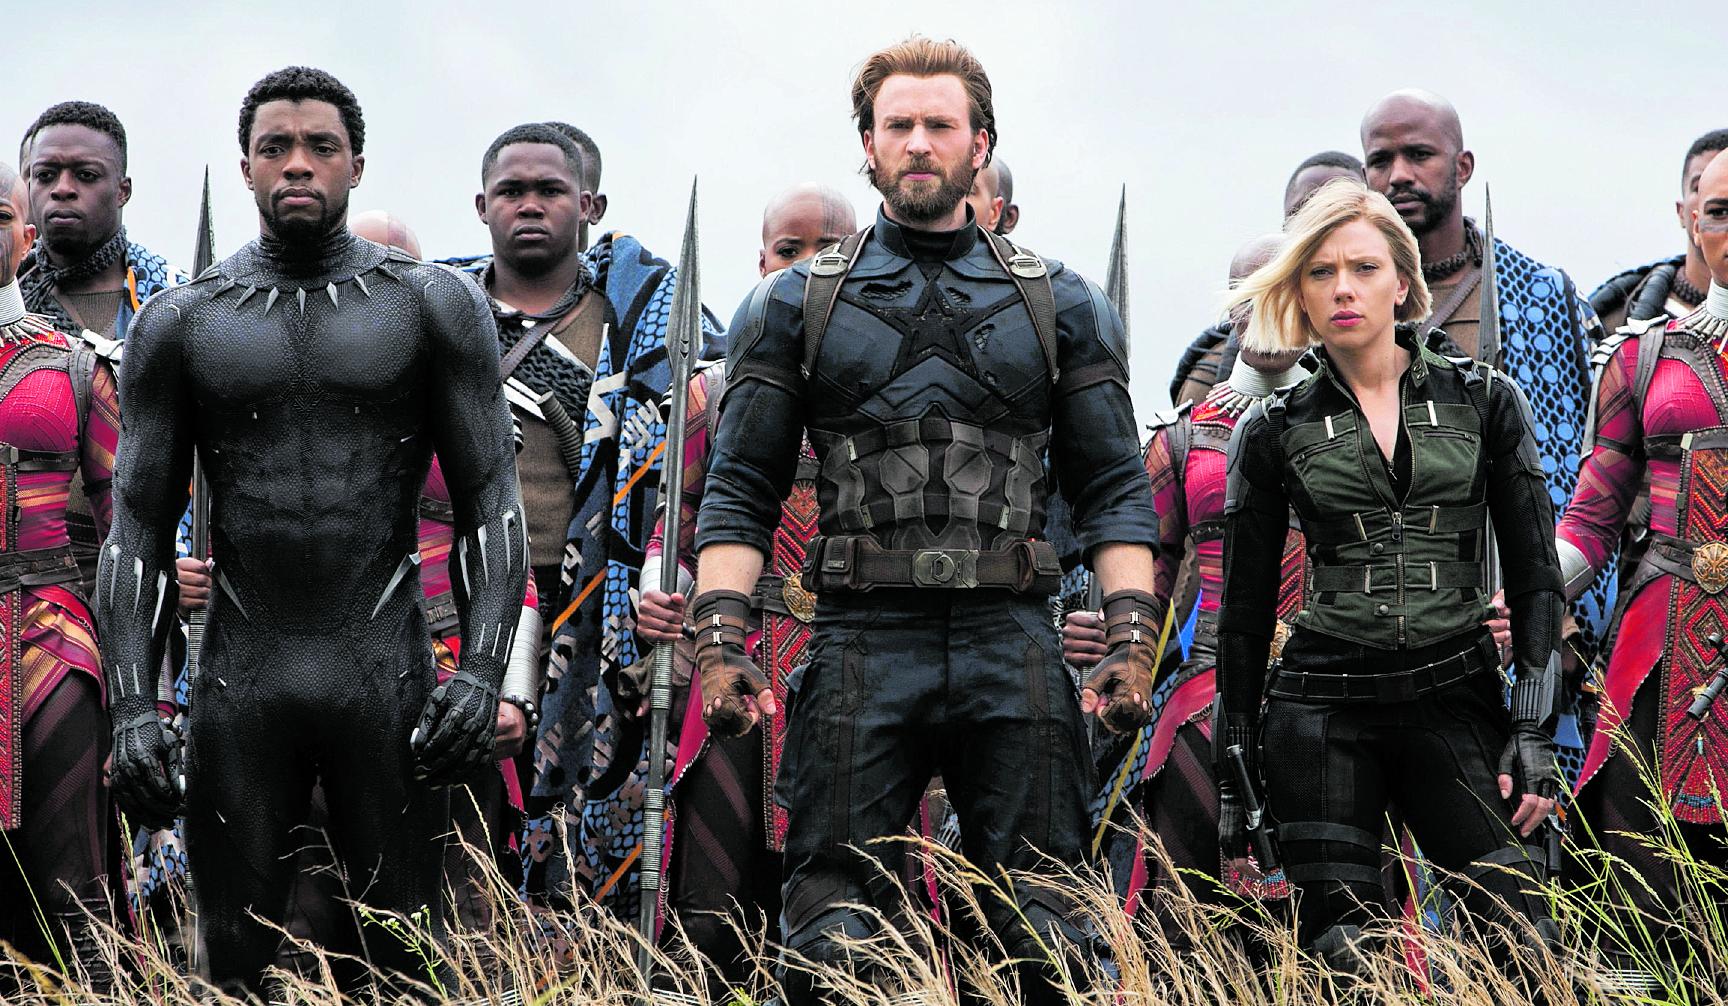 El próximo estreno de Avengers: Endgame podría determinar la ceremonia de los Óscar (Foto Prensa Libre: Marvel Studios).